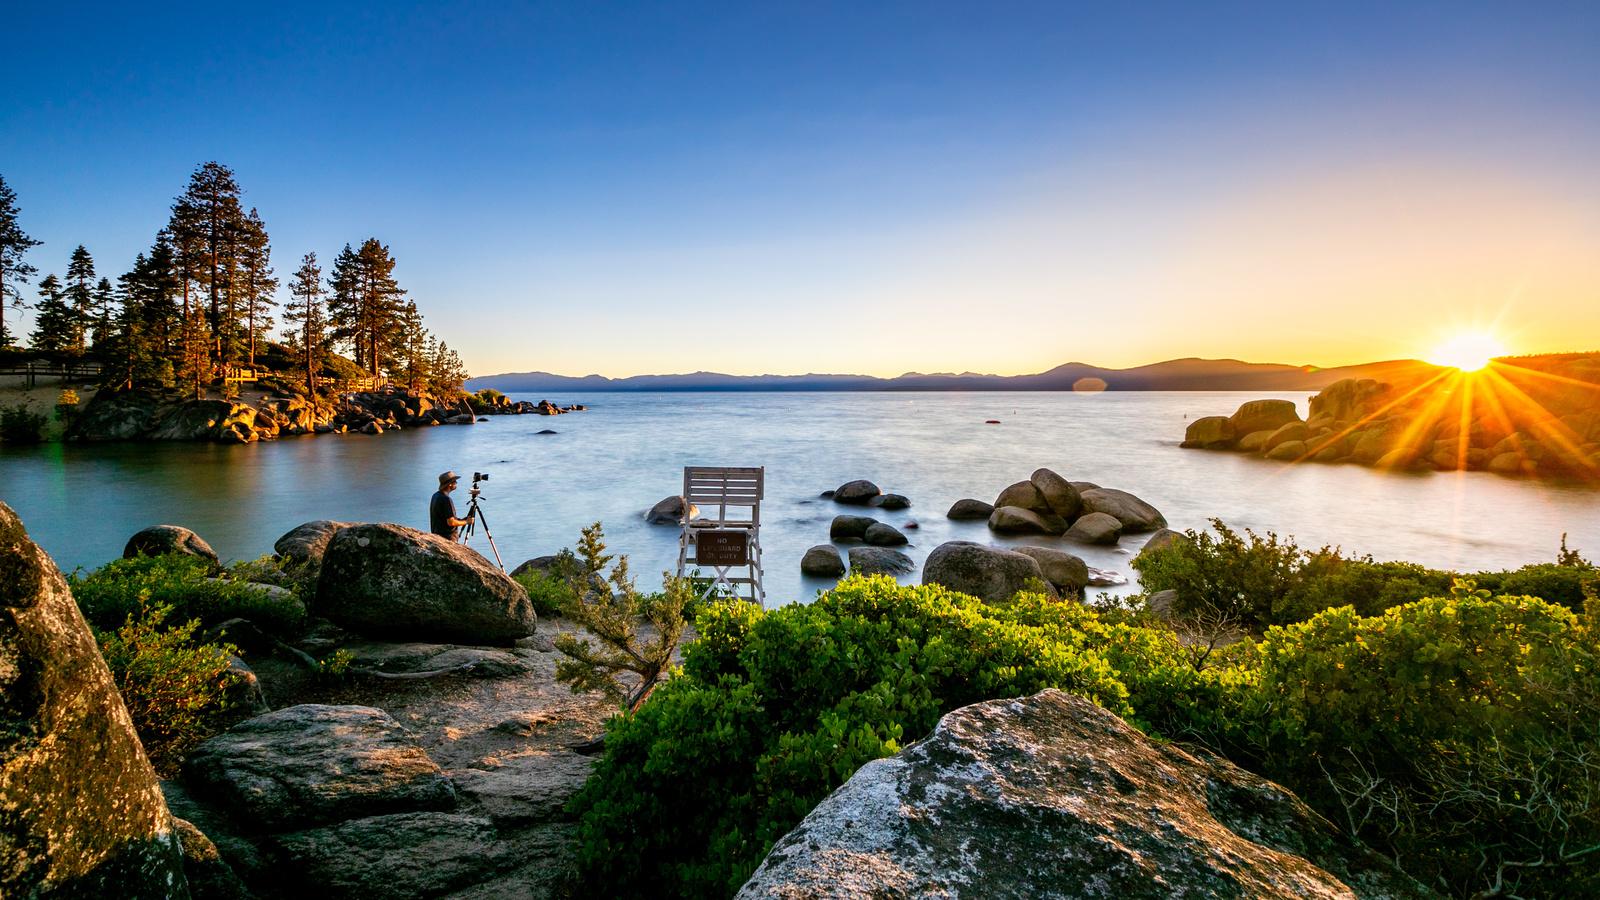 солнце, лучи, деревья, пейзаж, закат, горы, природа, озеро, камни, фотограф, сша, тахо, lake tahoe